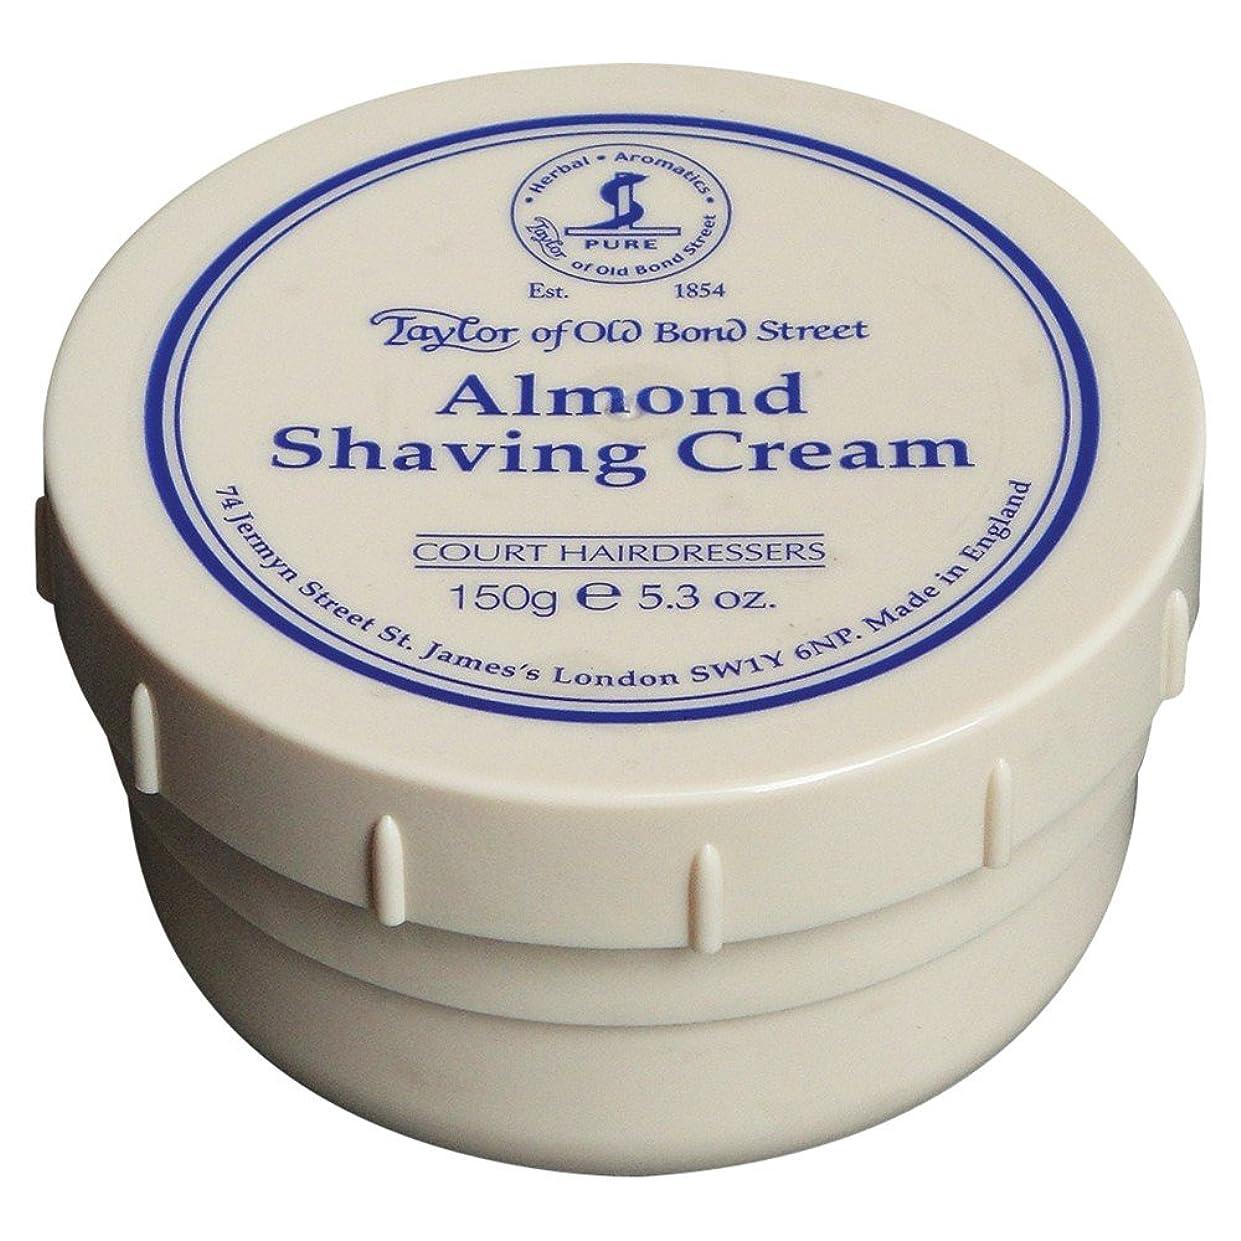 古いボンド?ストリートアーモンドシェービングクリーム150グラムのテイラー (Taylor of Old Bond Street) (x2) - Taylor of Old Bond Street Almond Shaving Cream 150g (Pack of 2) [並行輸入品]